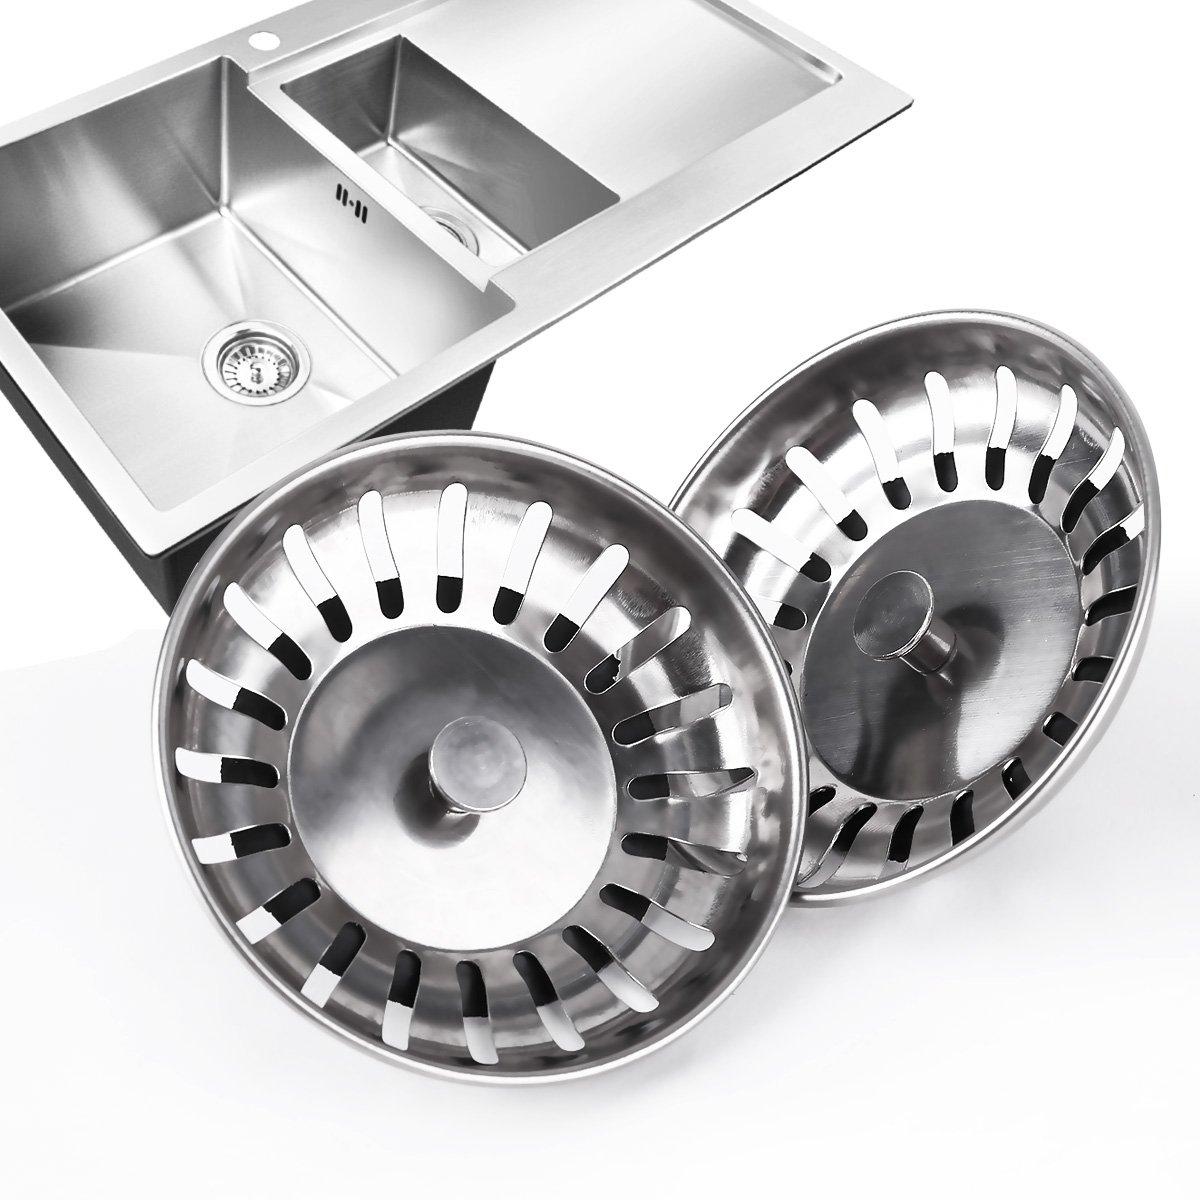 2x Kitchen Waste Stainless Steel Sink Strainer Plug Drain Stopper ...